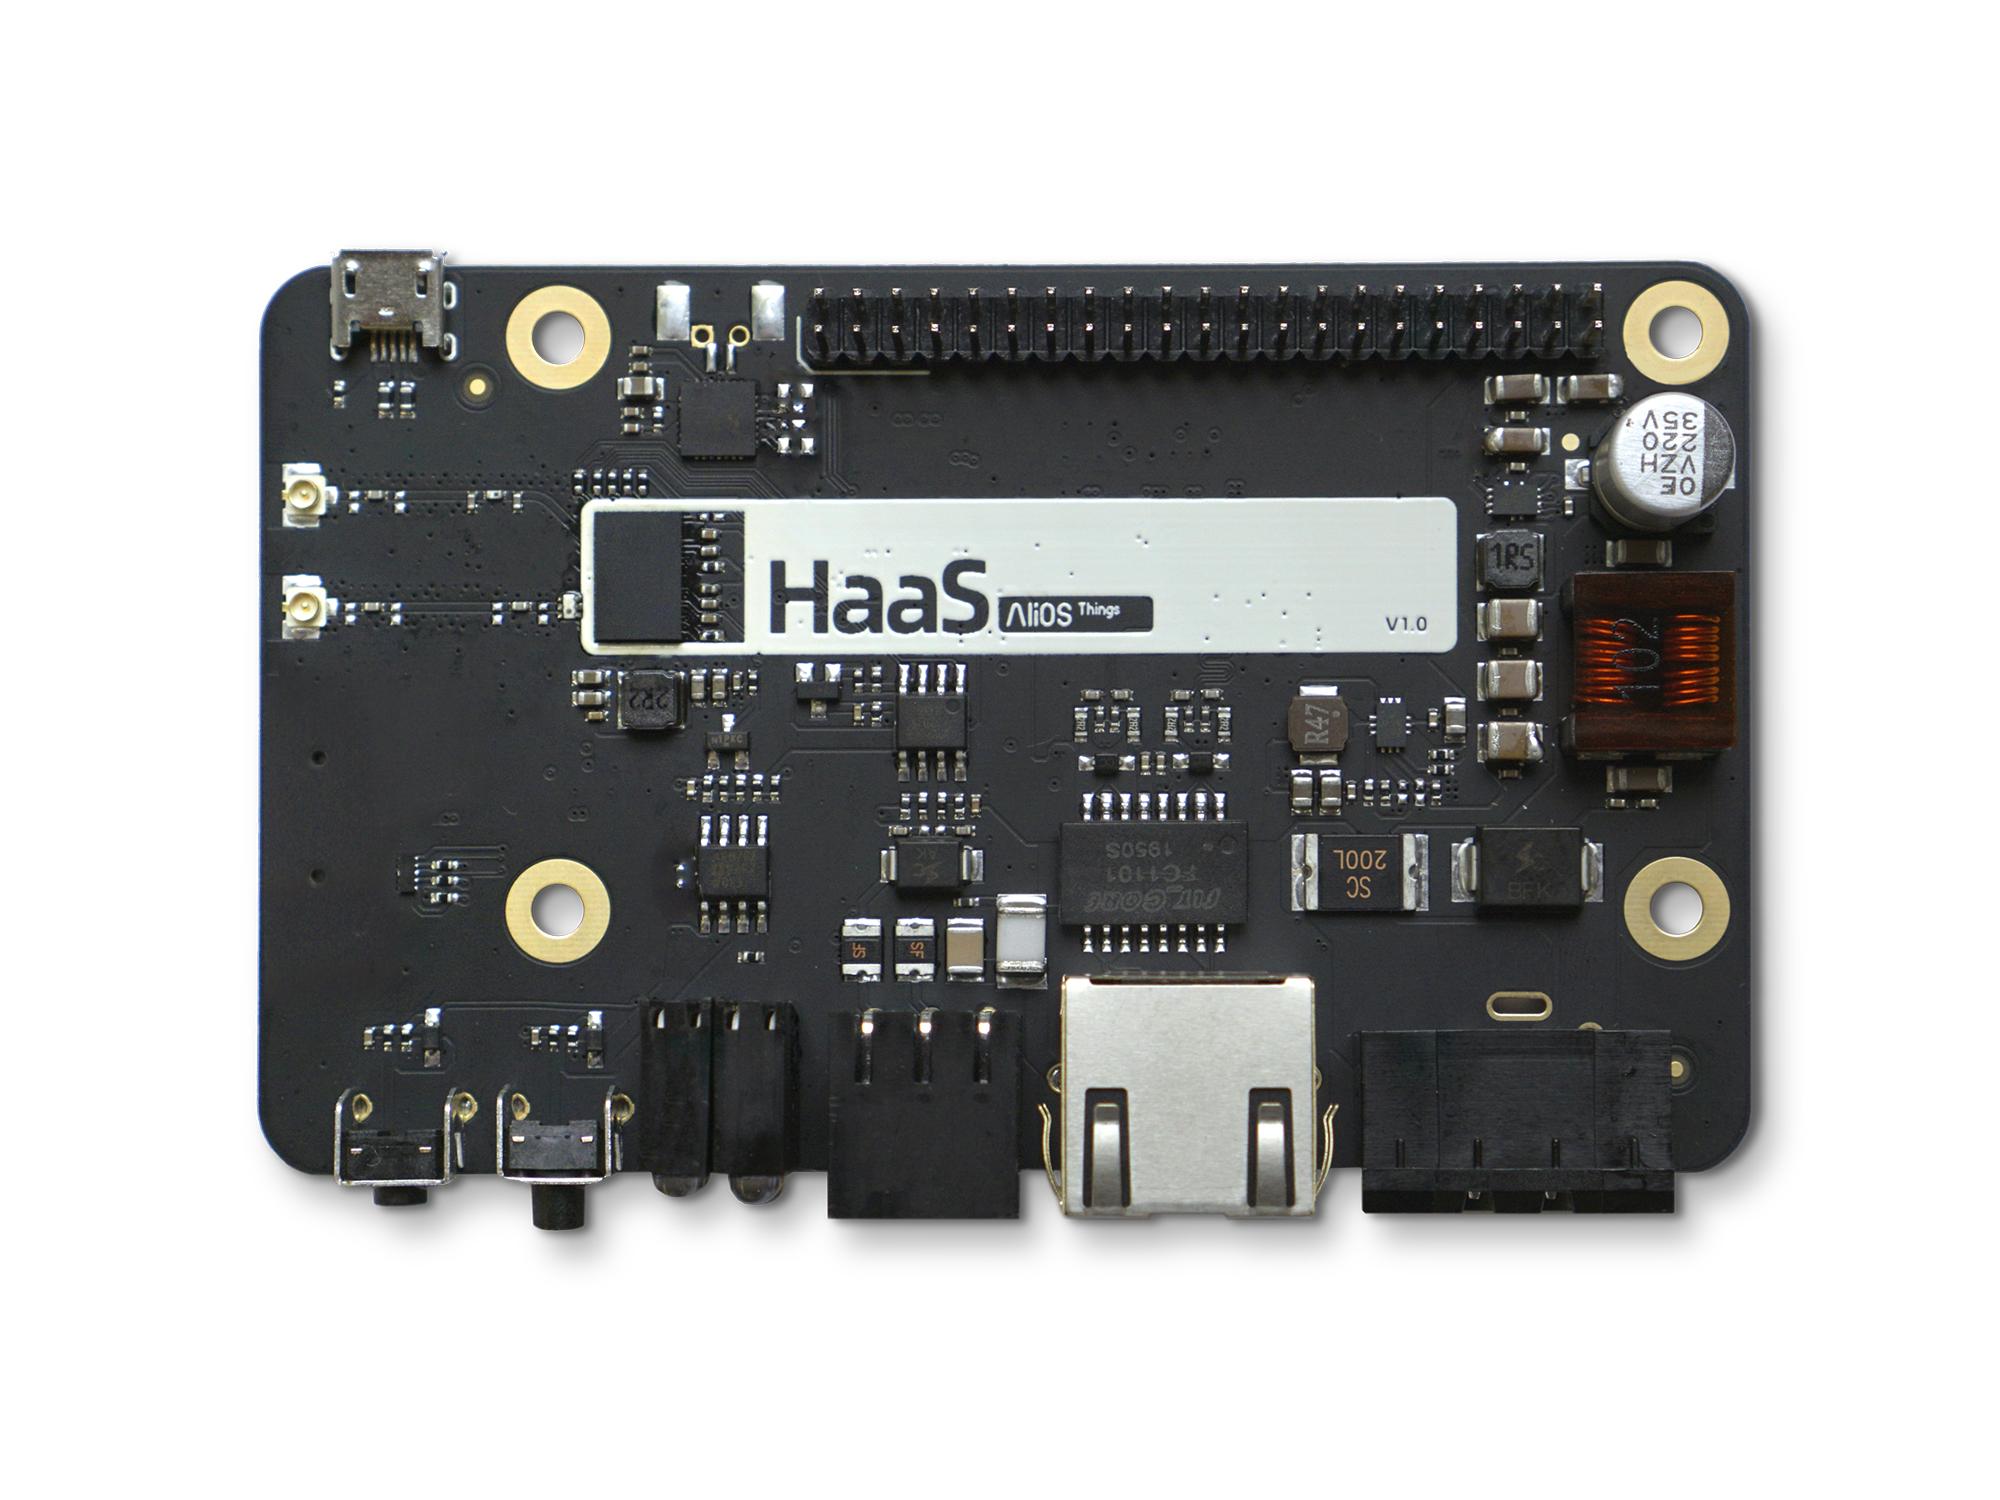 阿里云IoT HaaS 100开发板